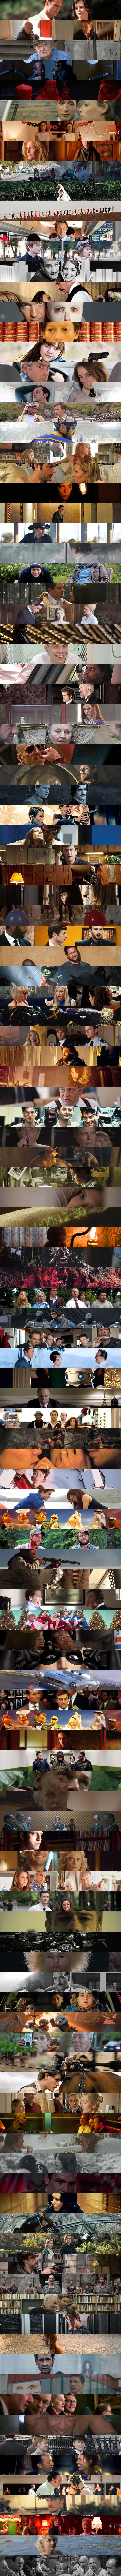 2011-movie-journal-collage-2s